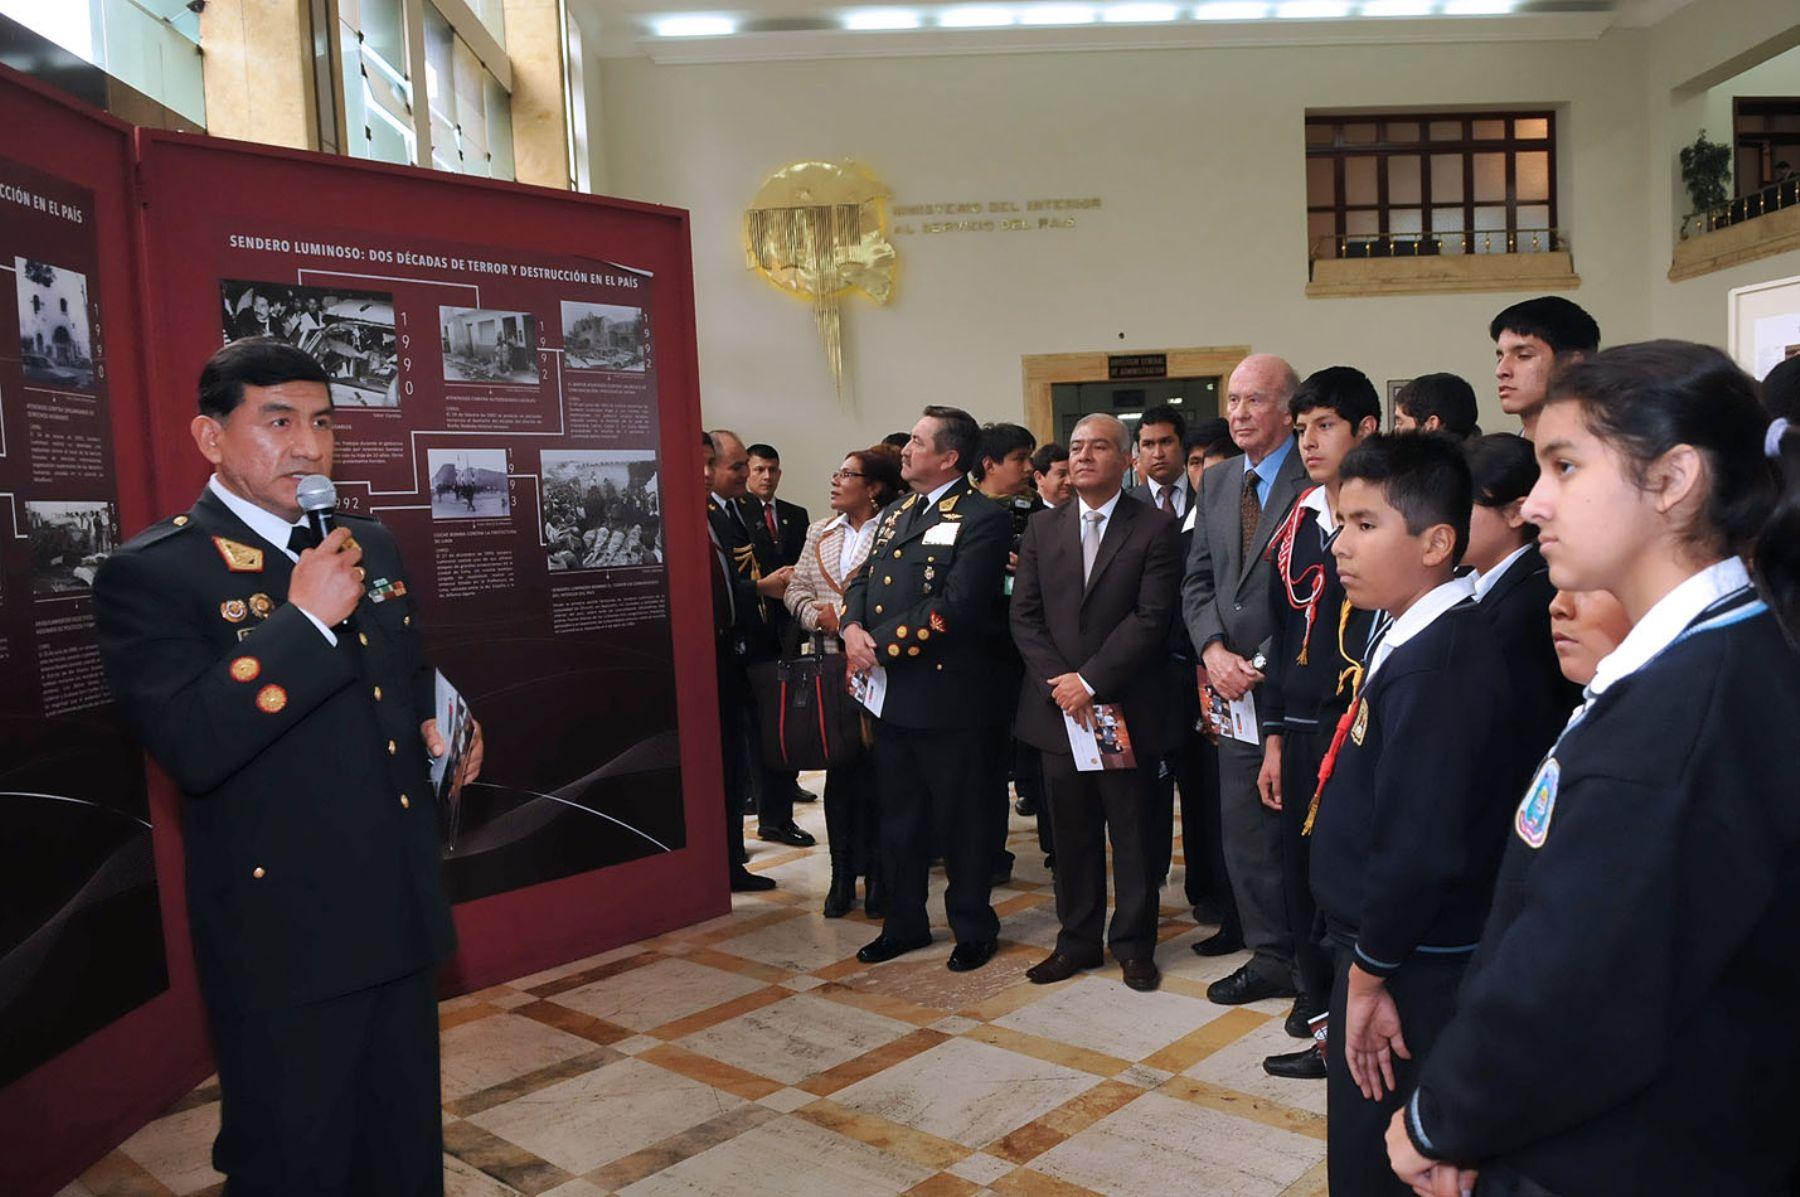 Ministerio del interior abre muestra sobre captura de for Correo ministerio del interior